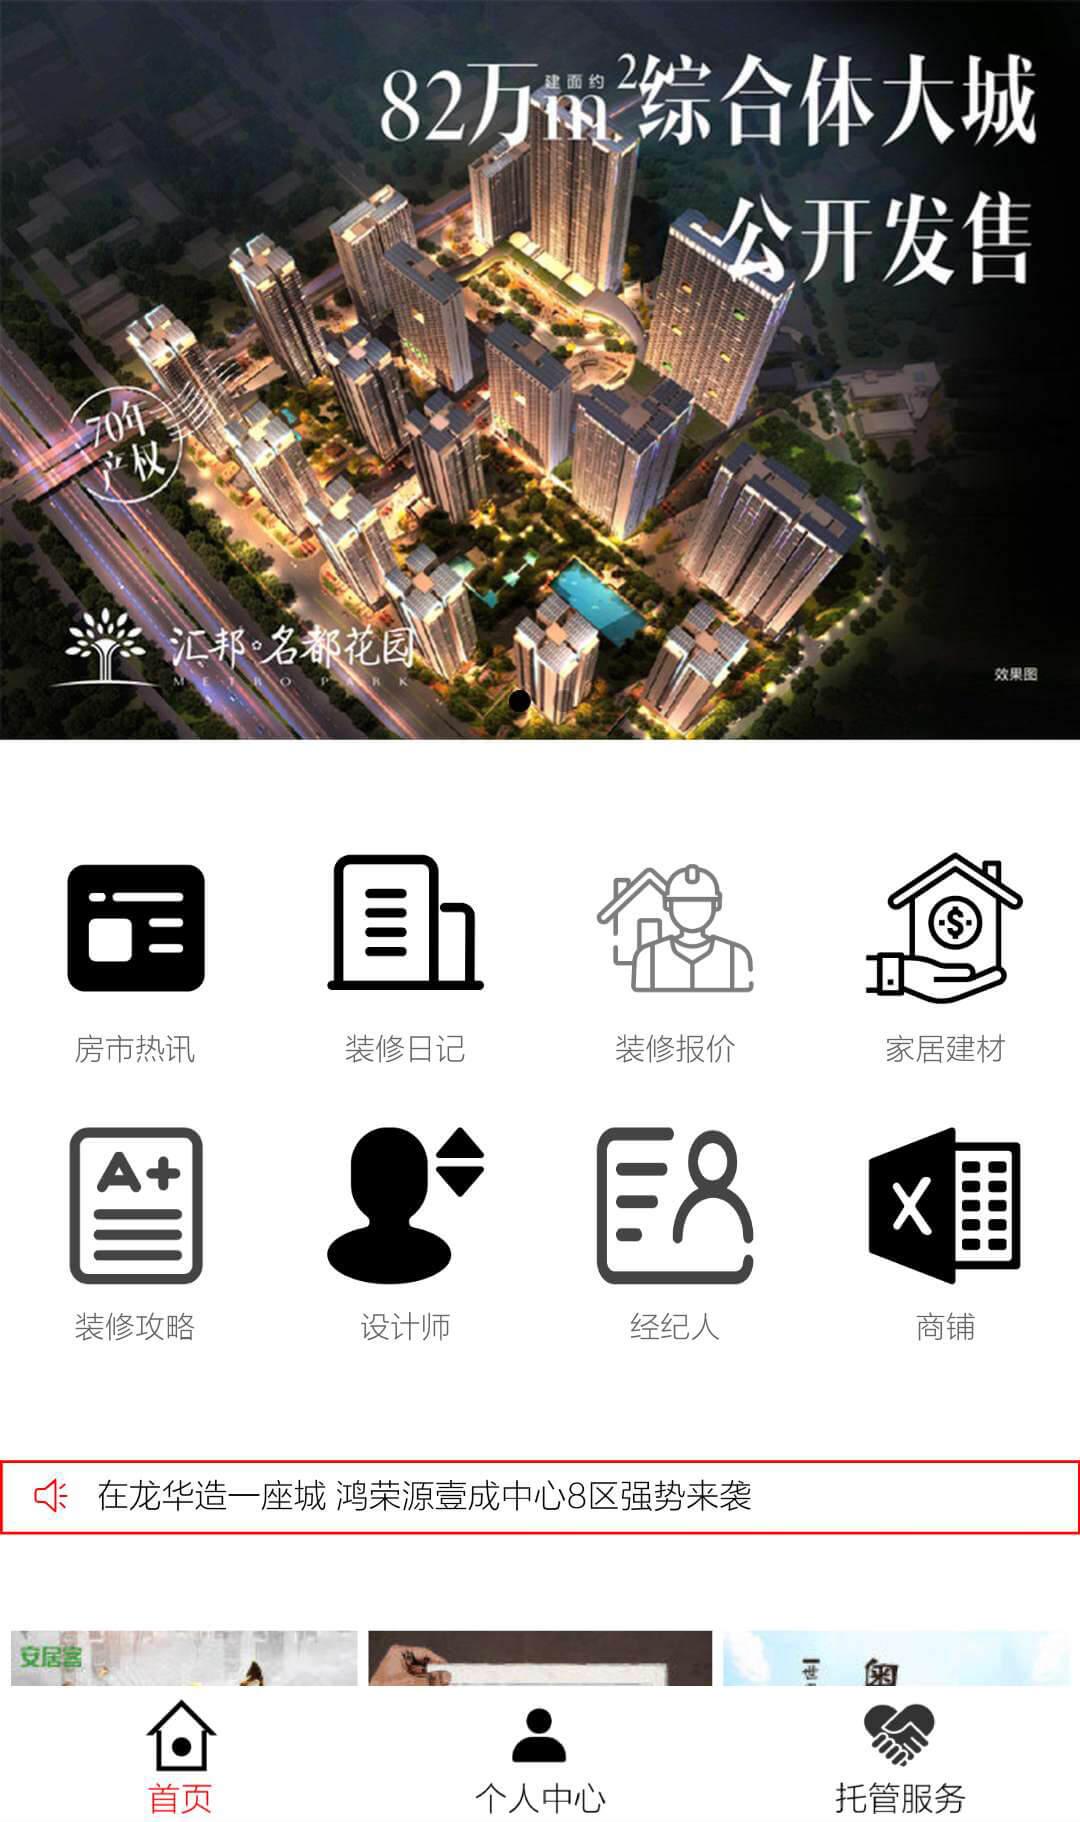 微信房产资讯小程序